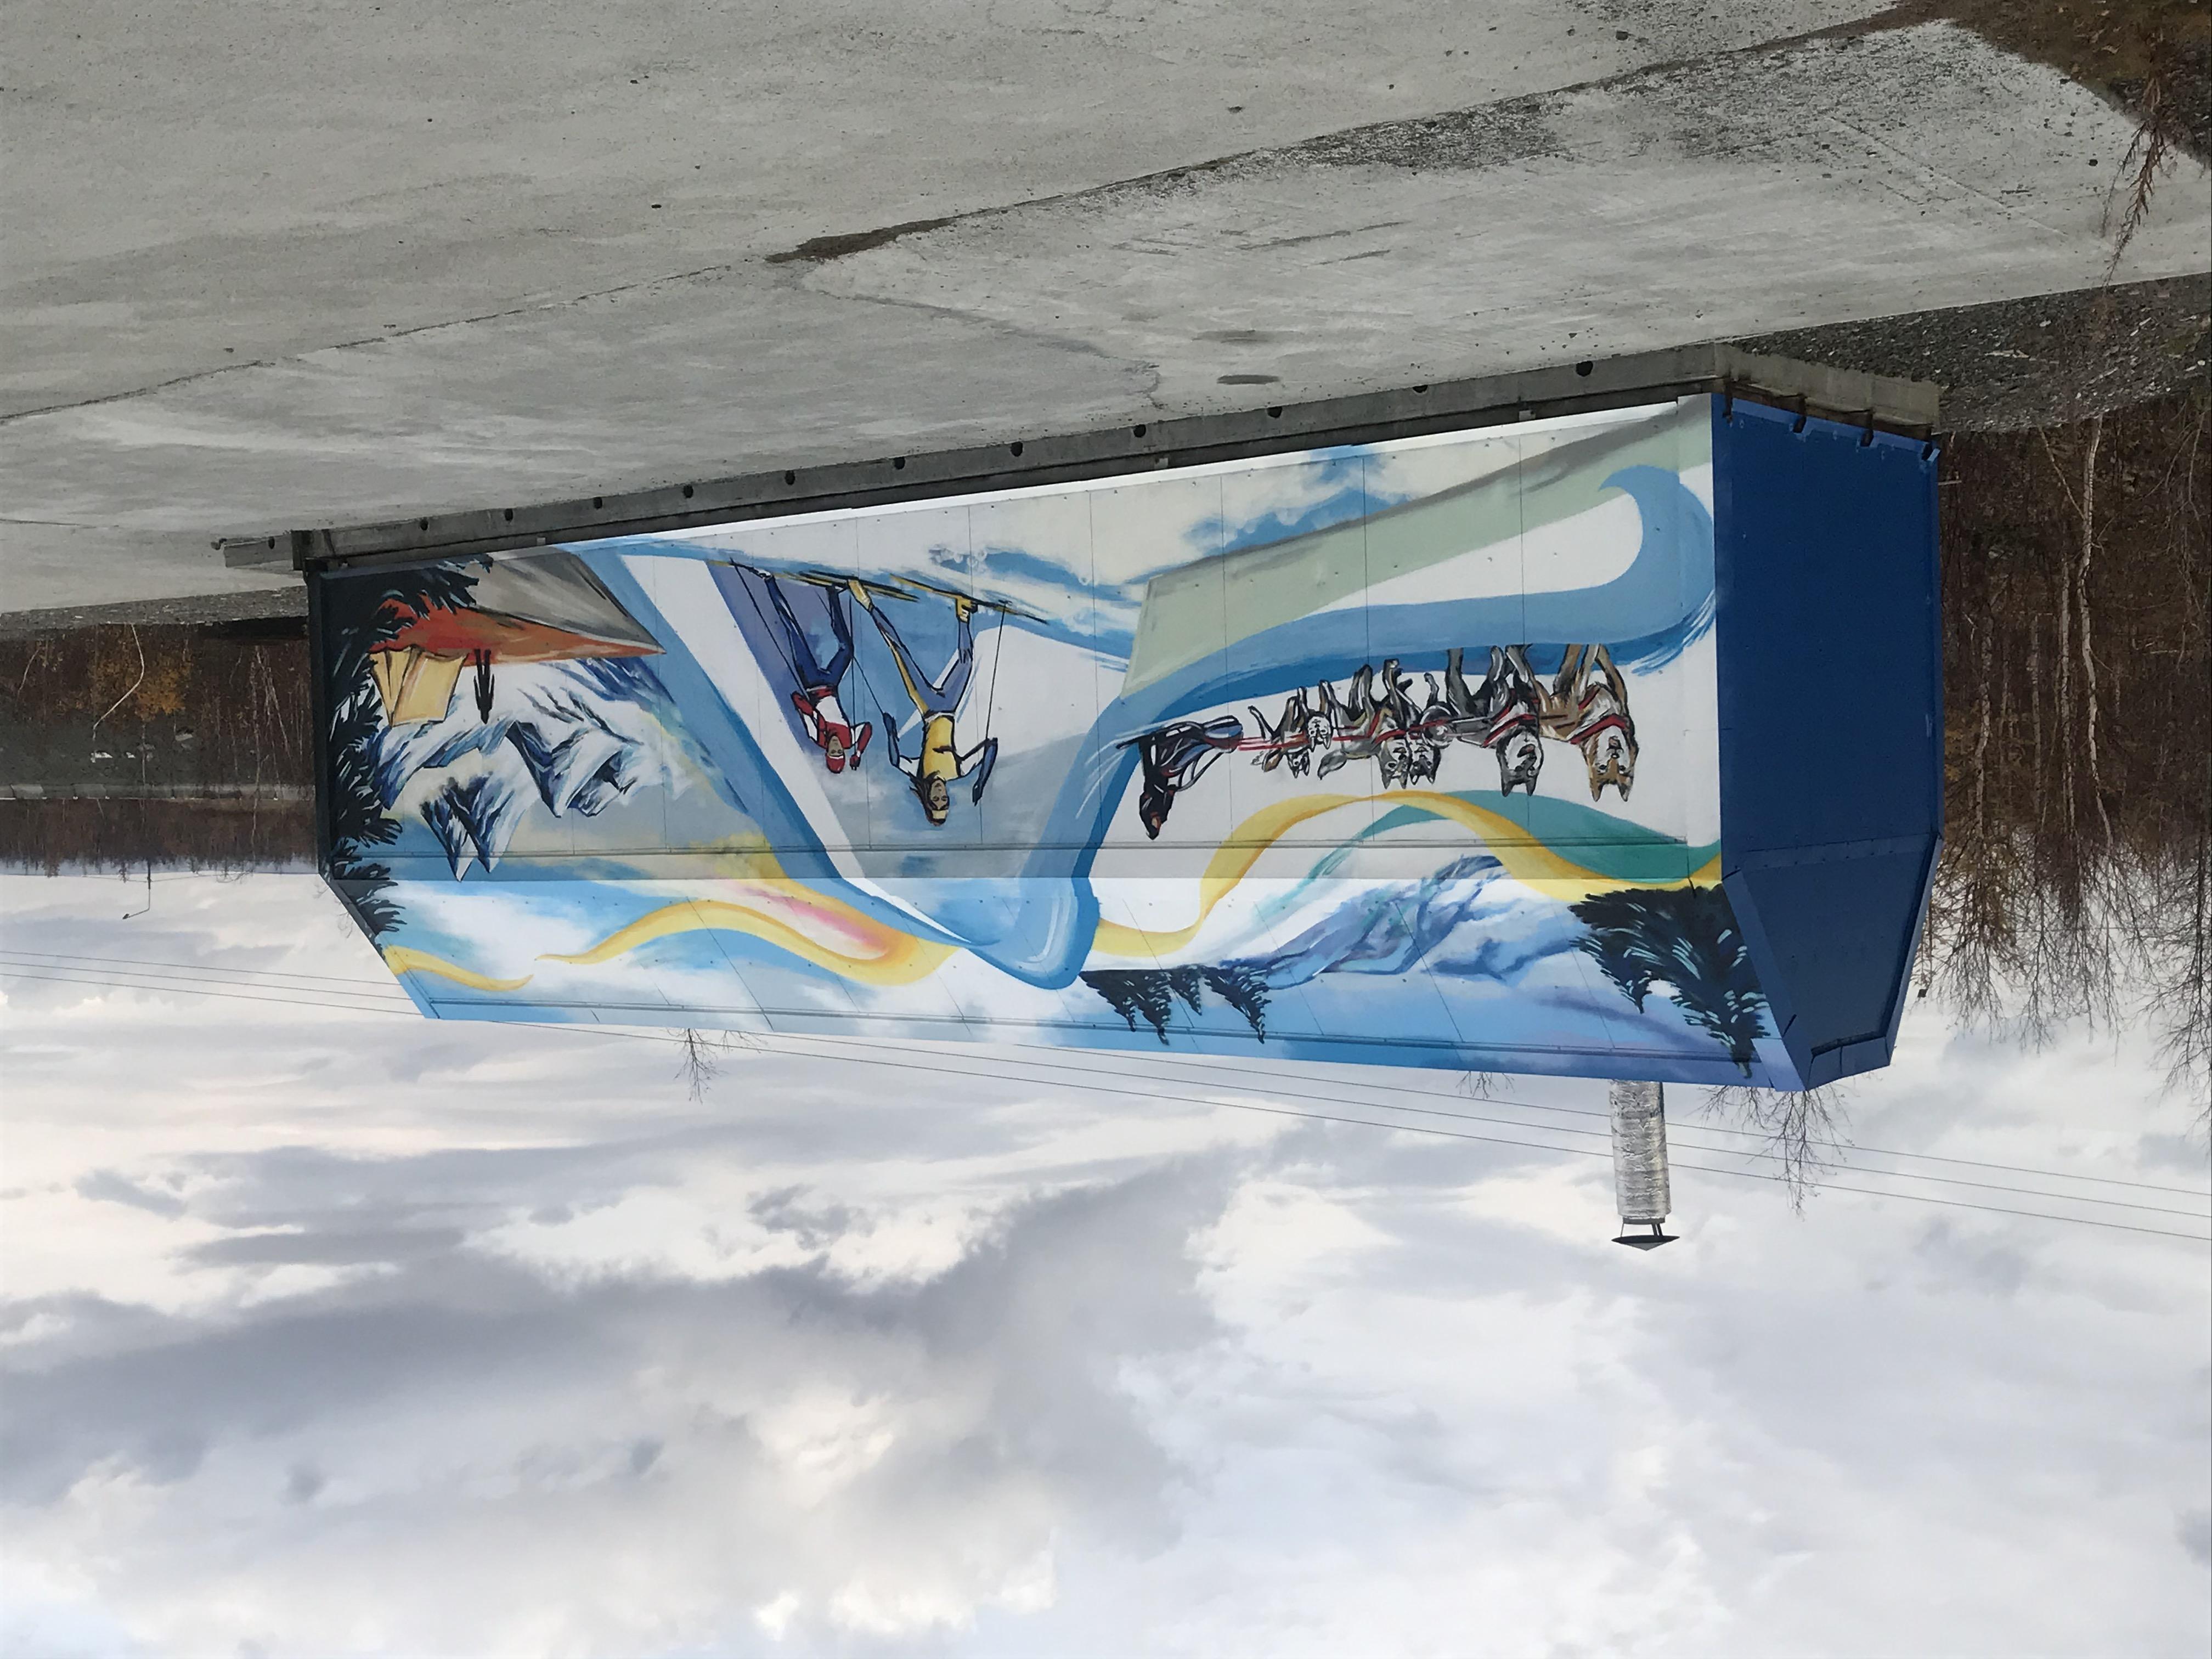 При поддержке АРН «Оль-гуль» продолжает трансформацию из лыжной базы в спортивно-туристический комплекс